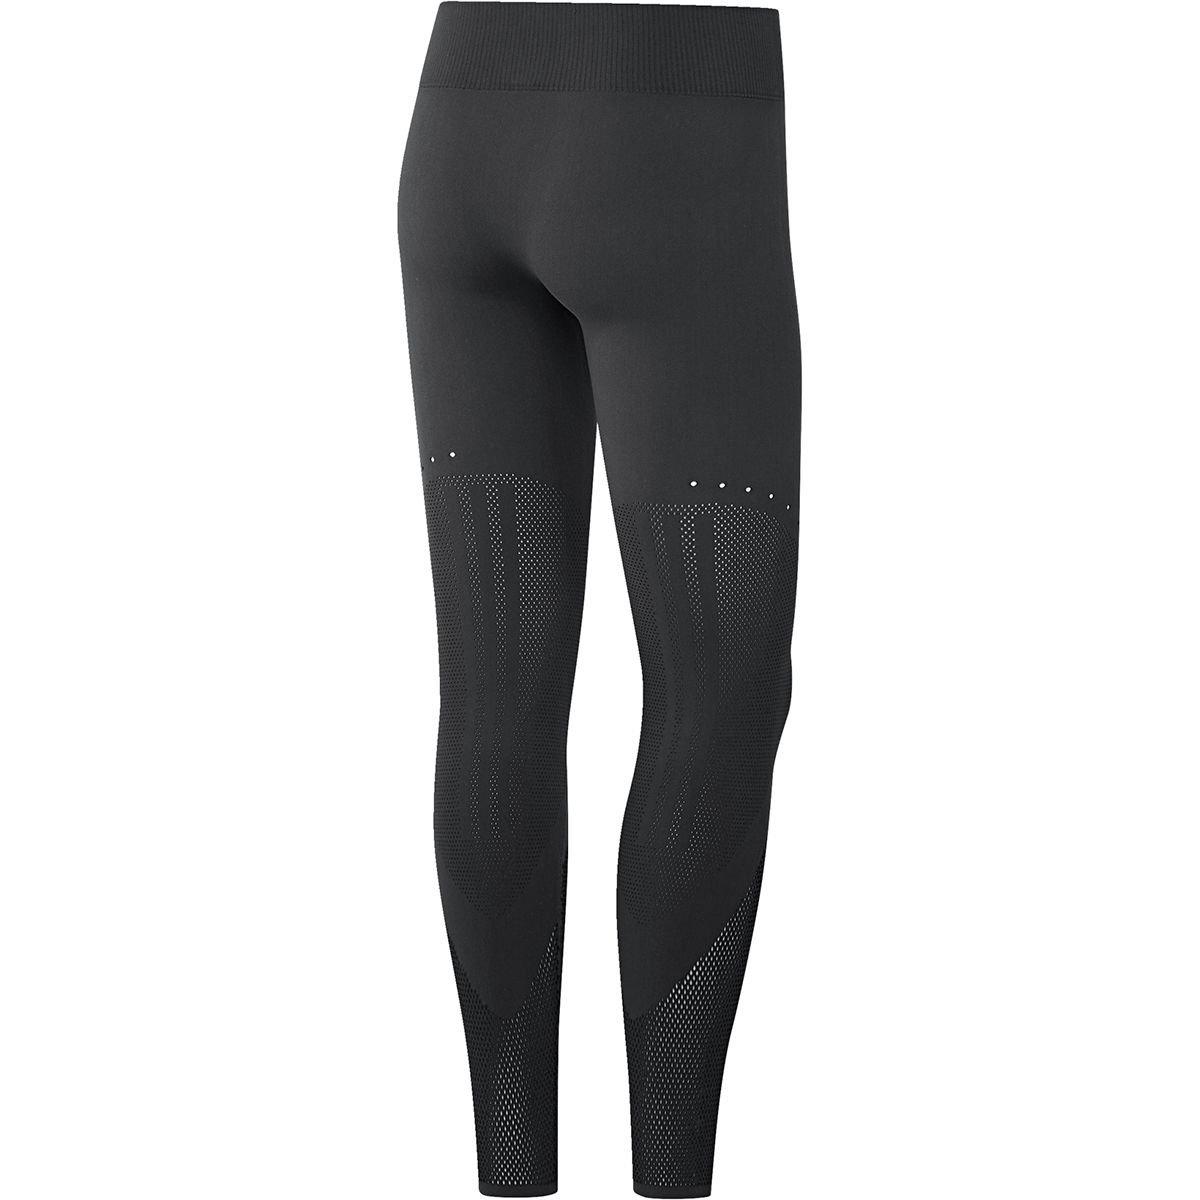 Peregrinación barbilla cesar  Amazon.com: adidas Warp Knit Tight - Women's Carbon/Black, S: Clothing